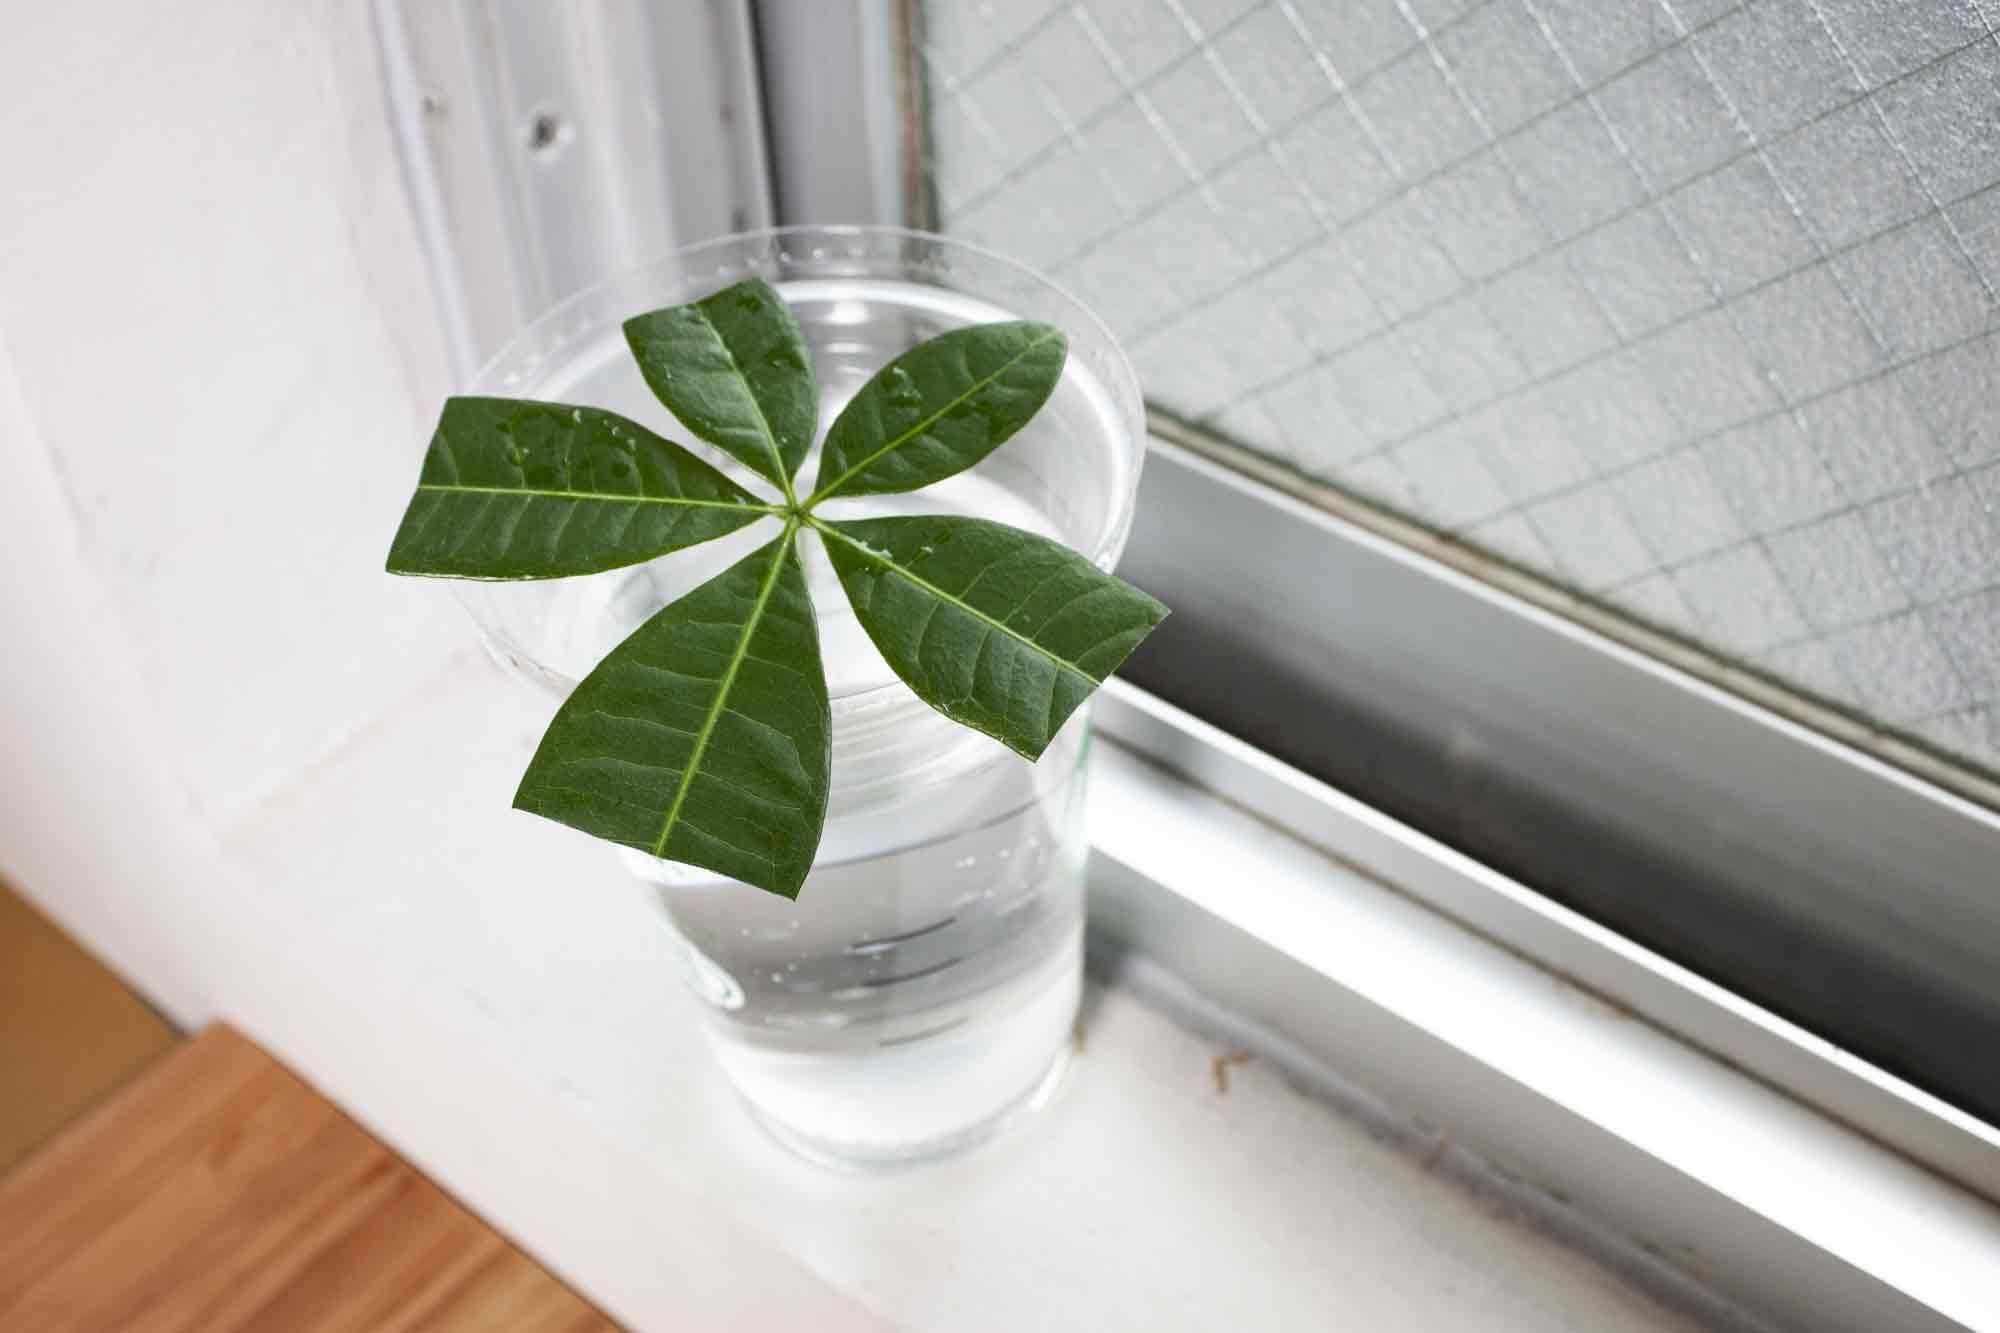 窓際で水耕栽培による発根を促すパキラ